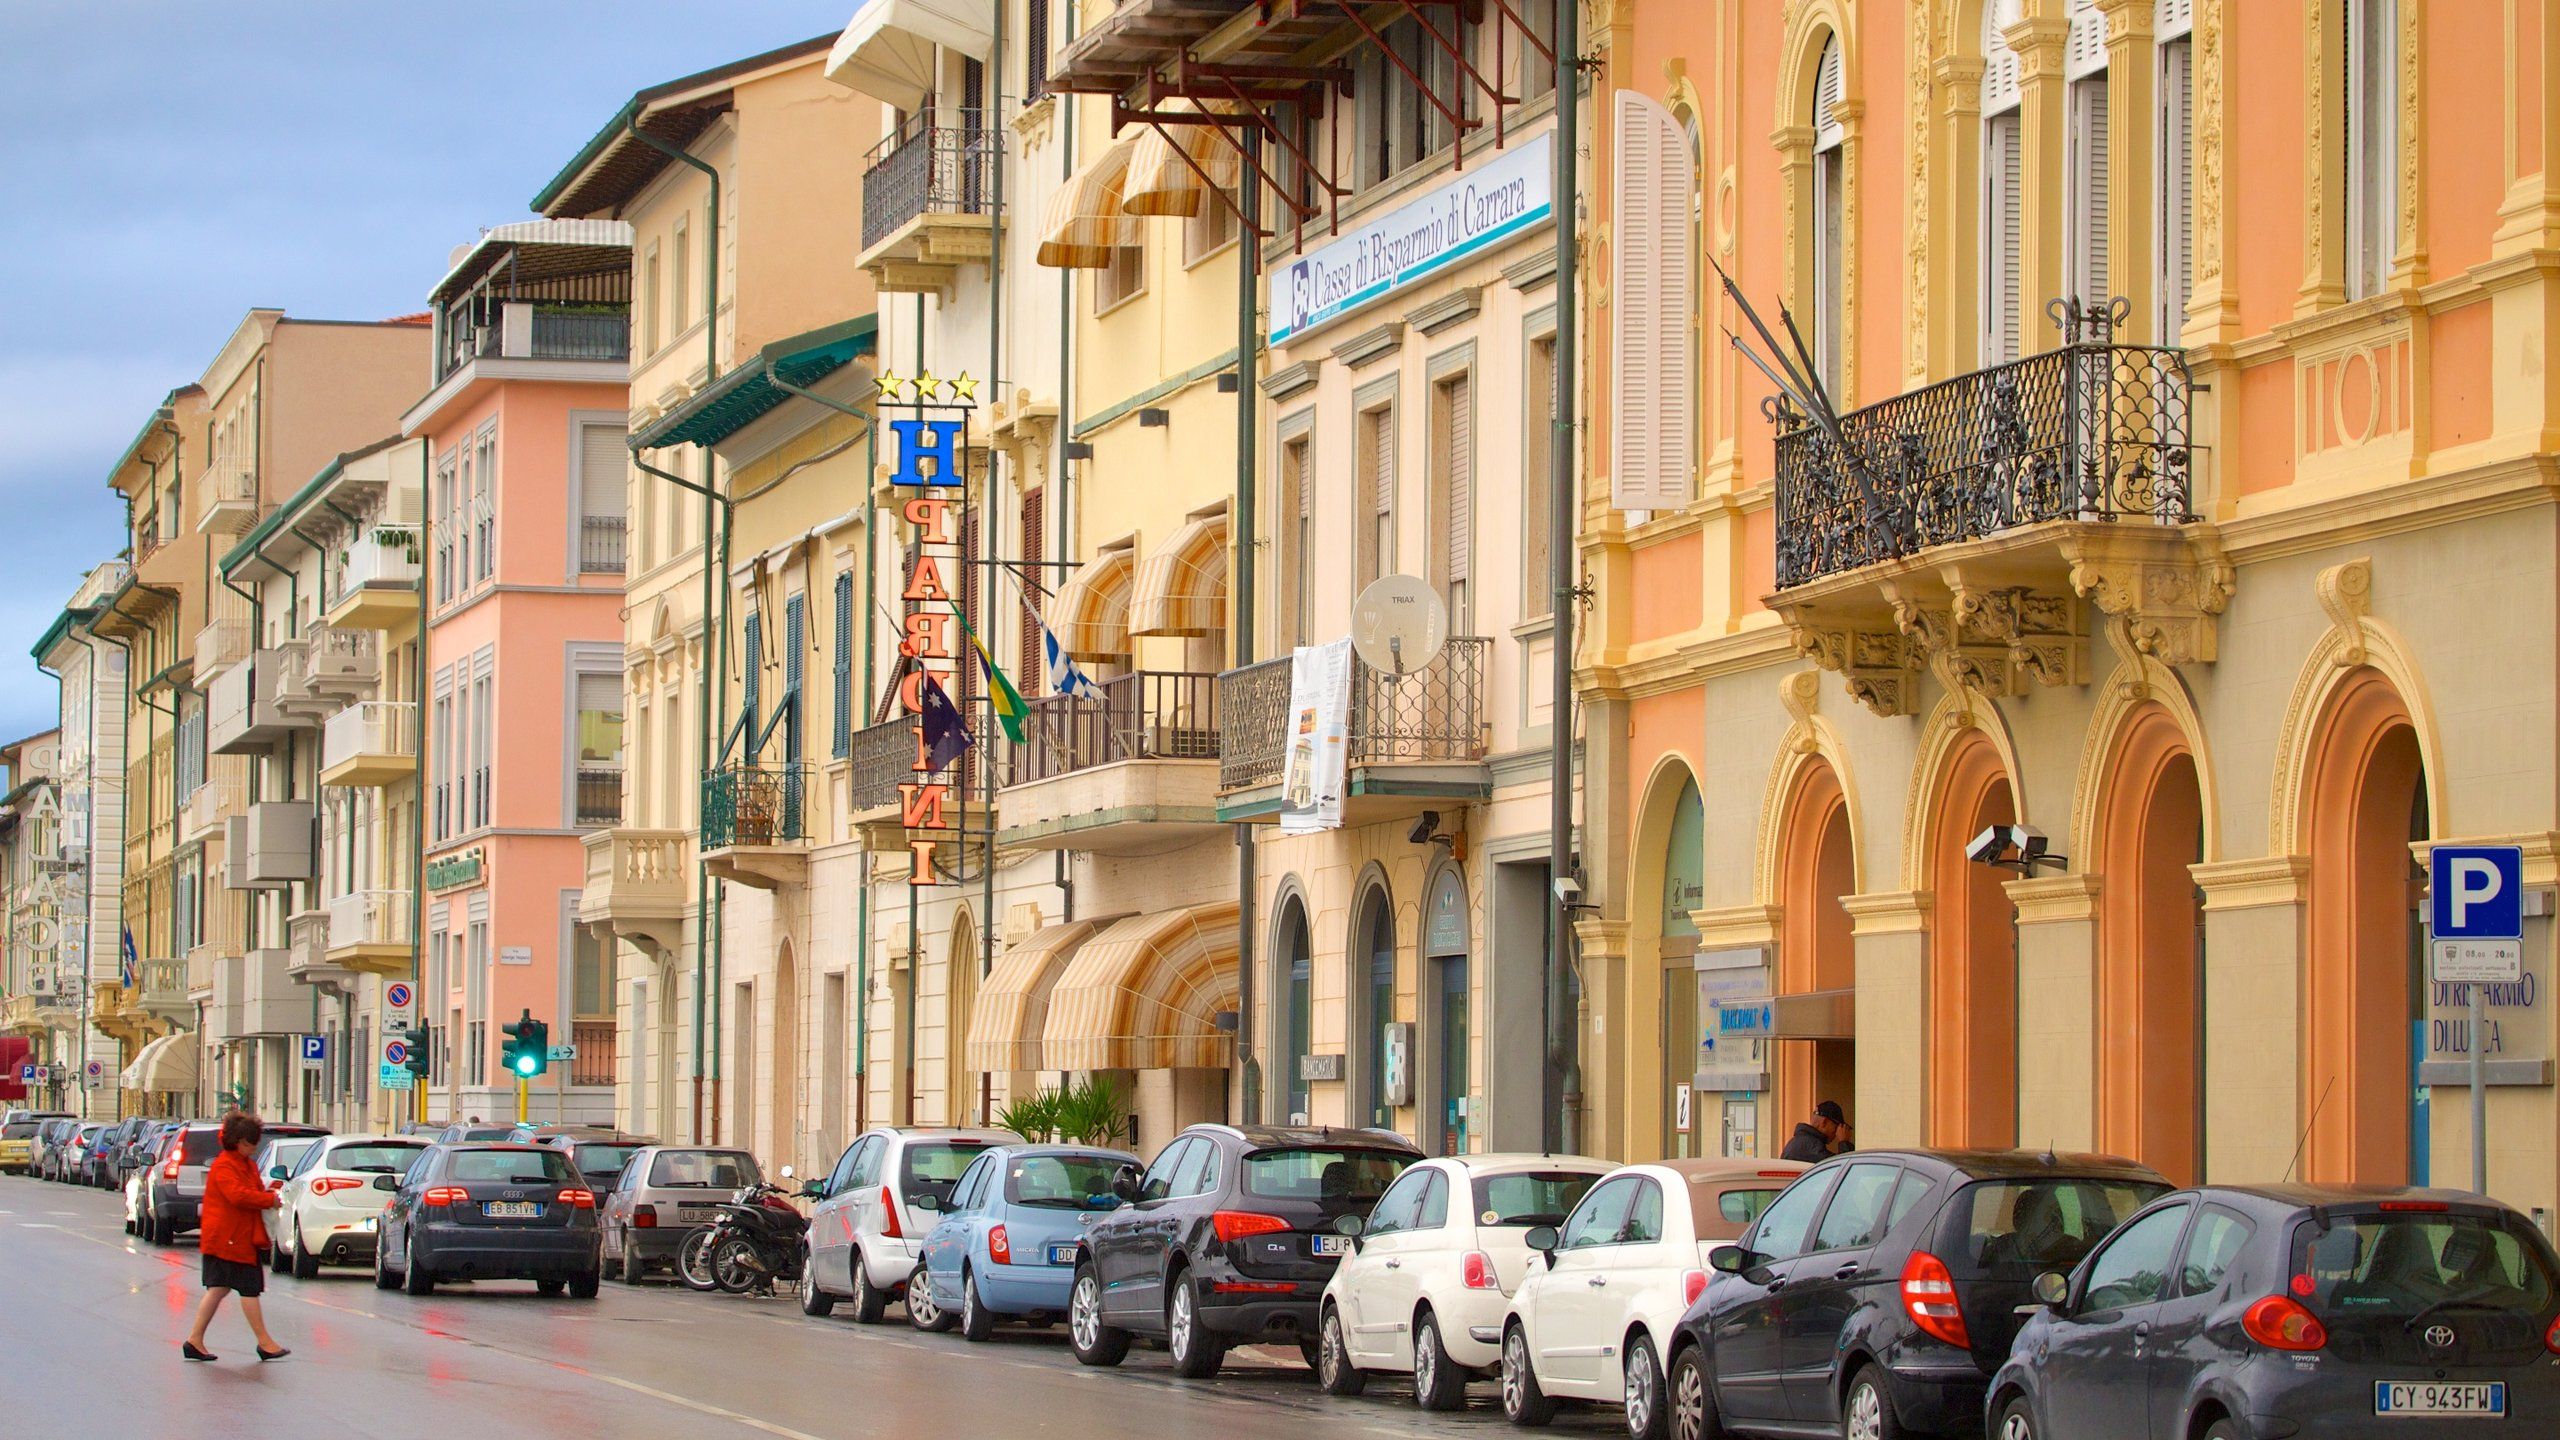 Viareggio, Tuscany, Italy